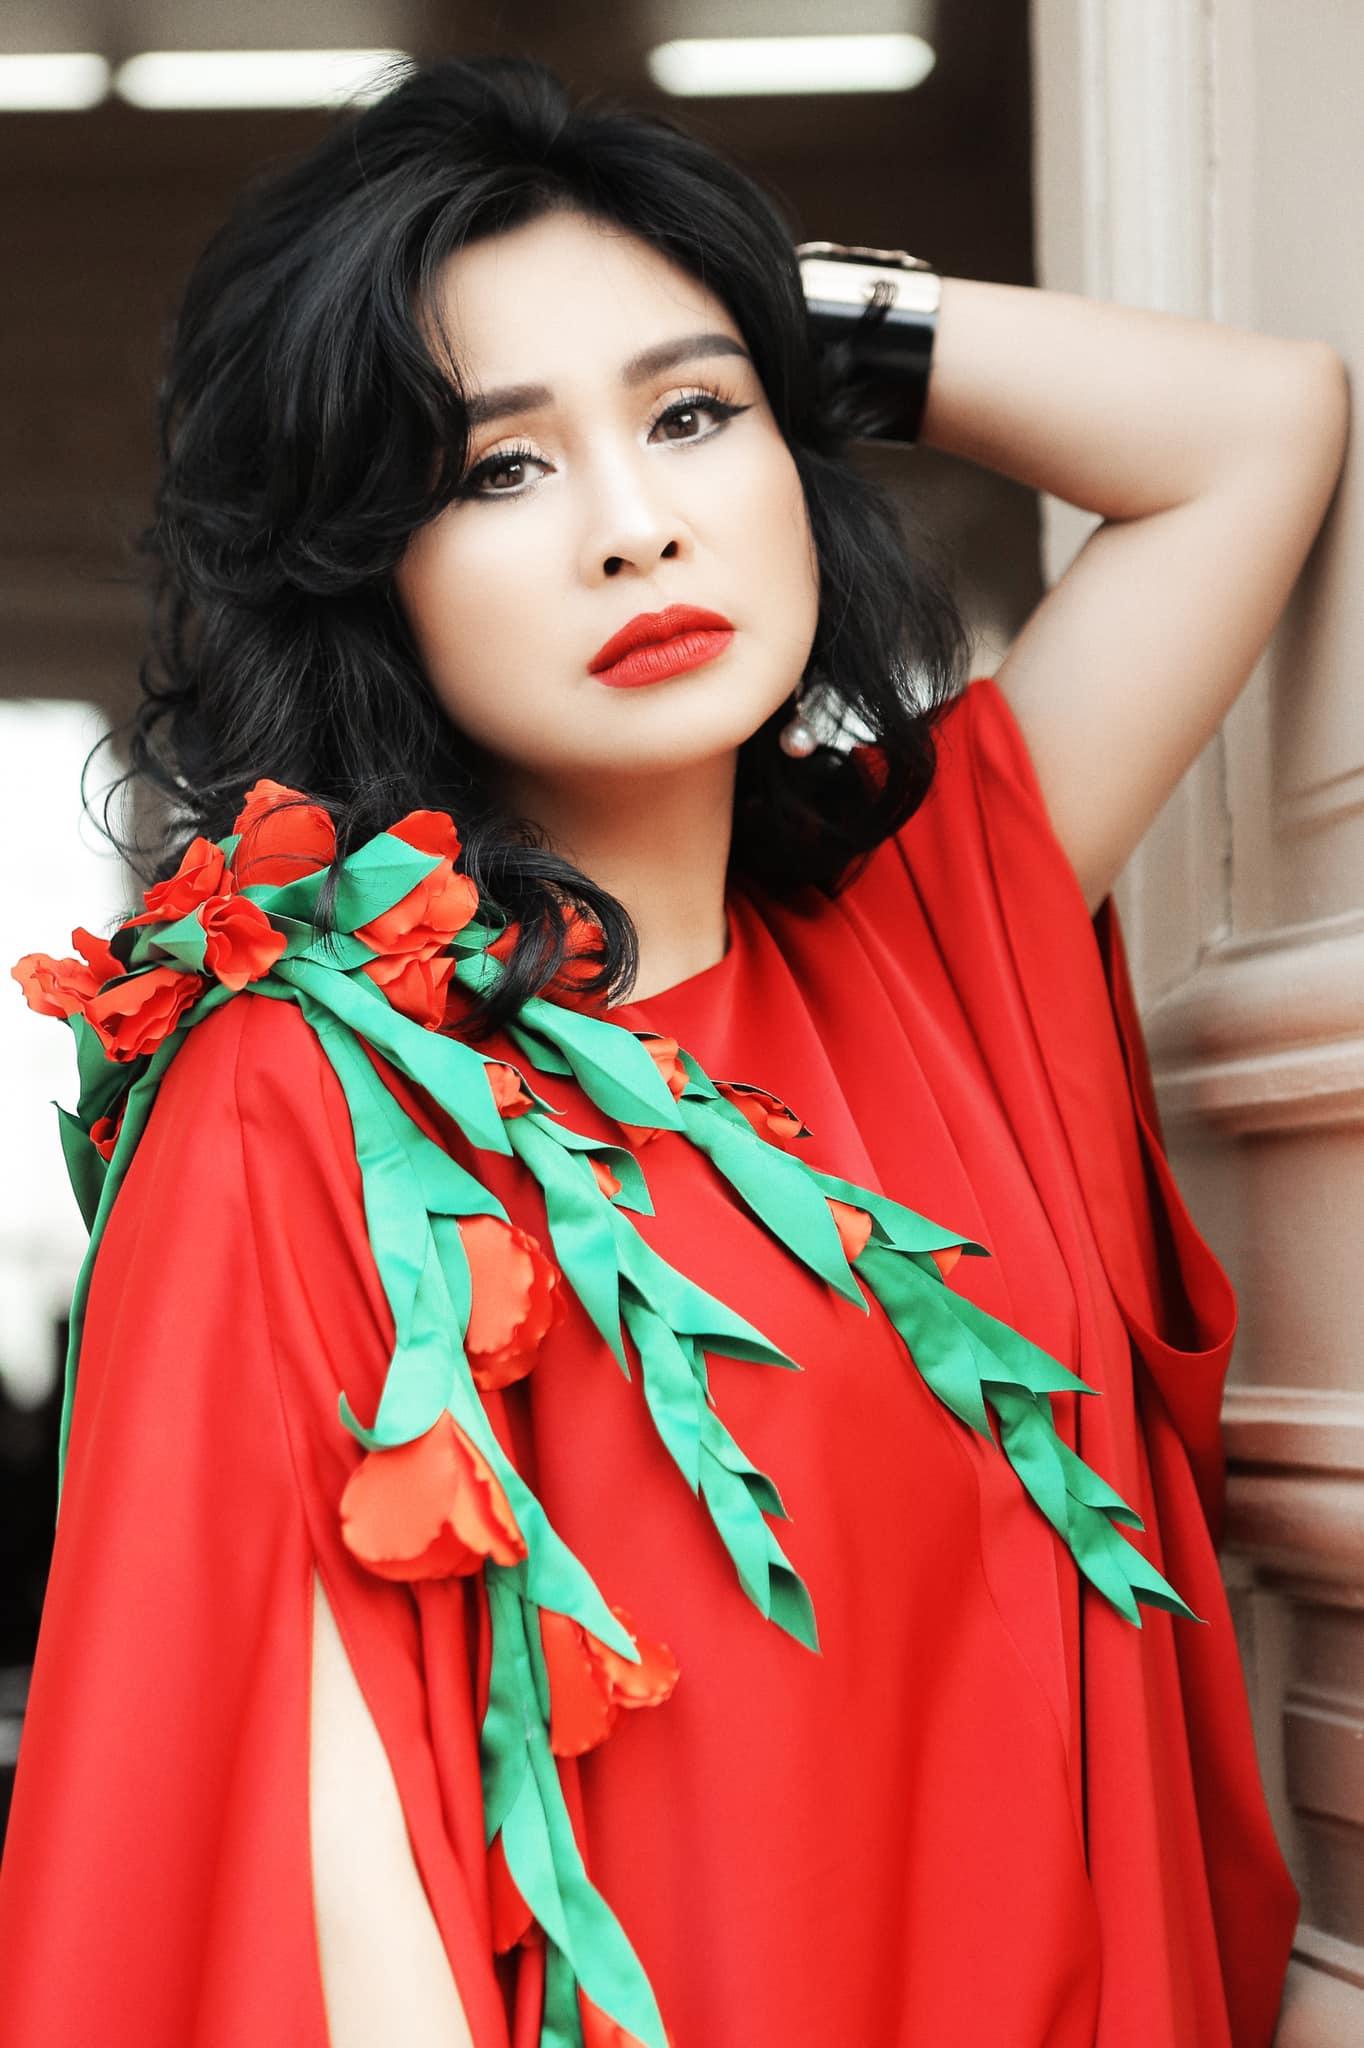 Đông đảo nghệ sĩ gửi lời chúc mừng sinh nhật lần thứ 11 của báo Dân Việt - Ảnh 3.